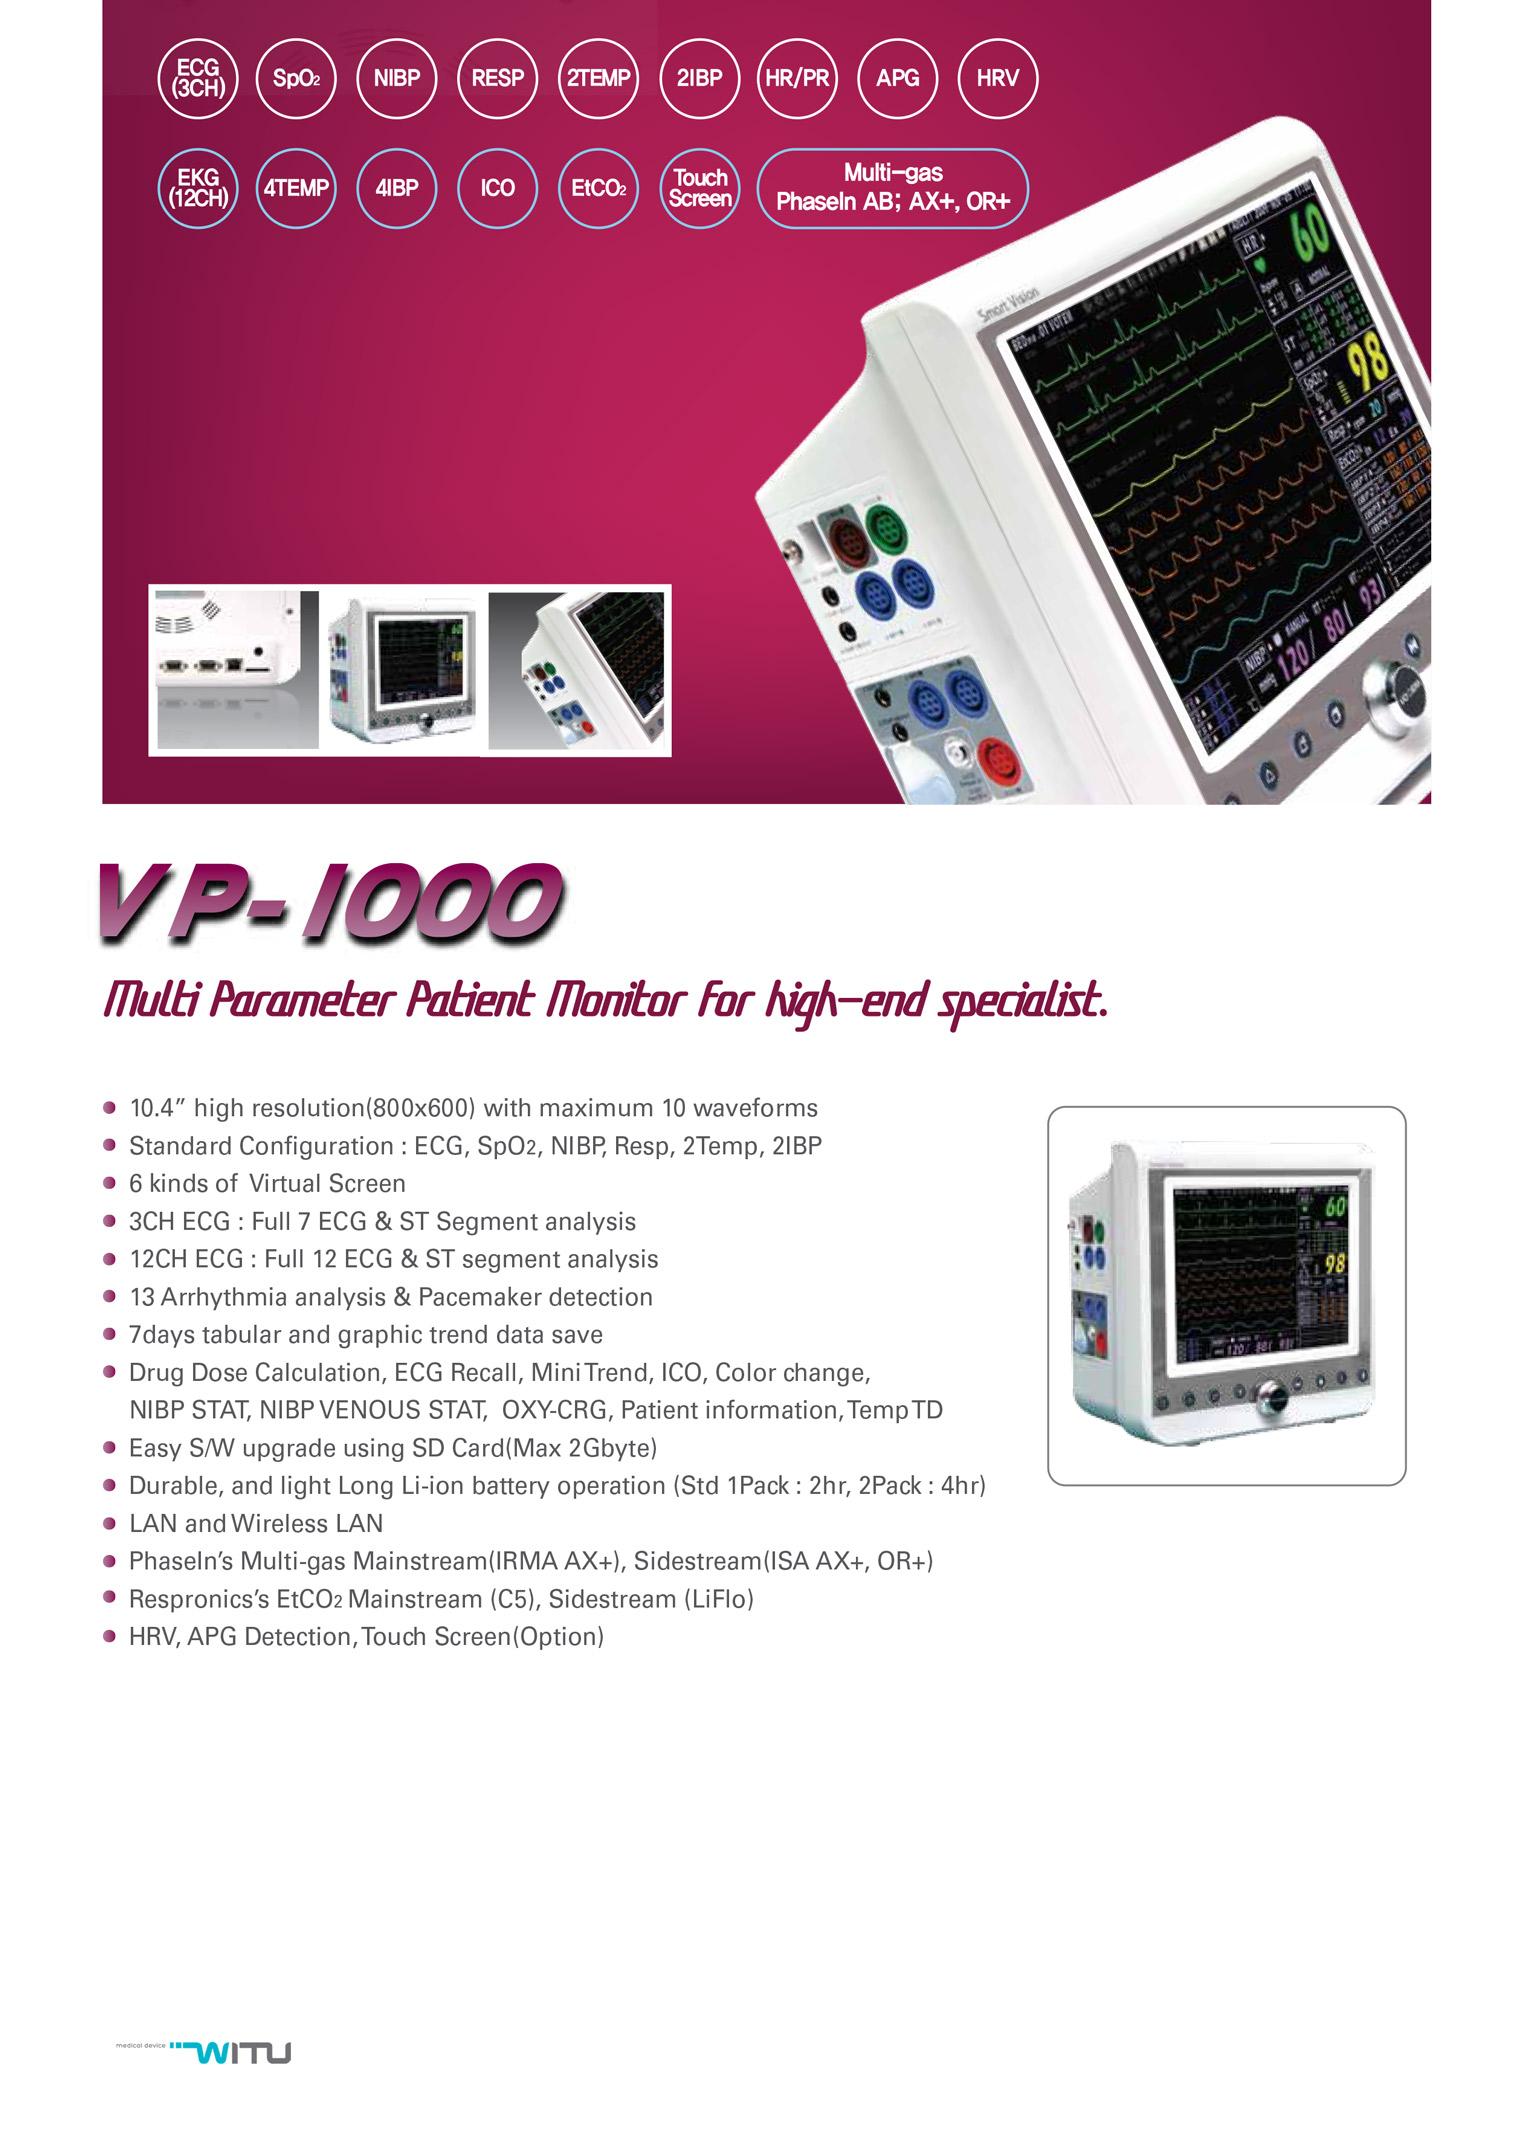 VP-1000_s1.jpg